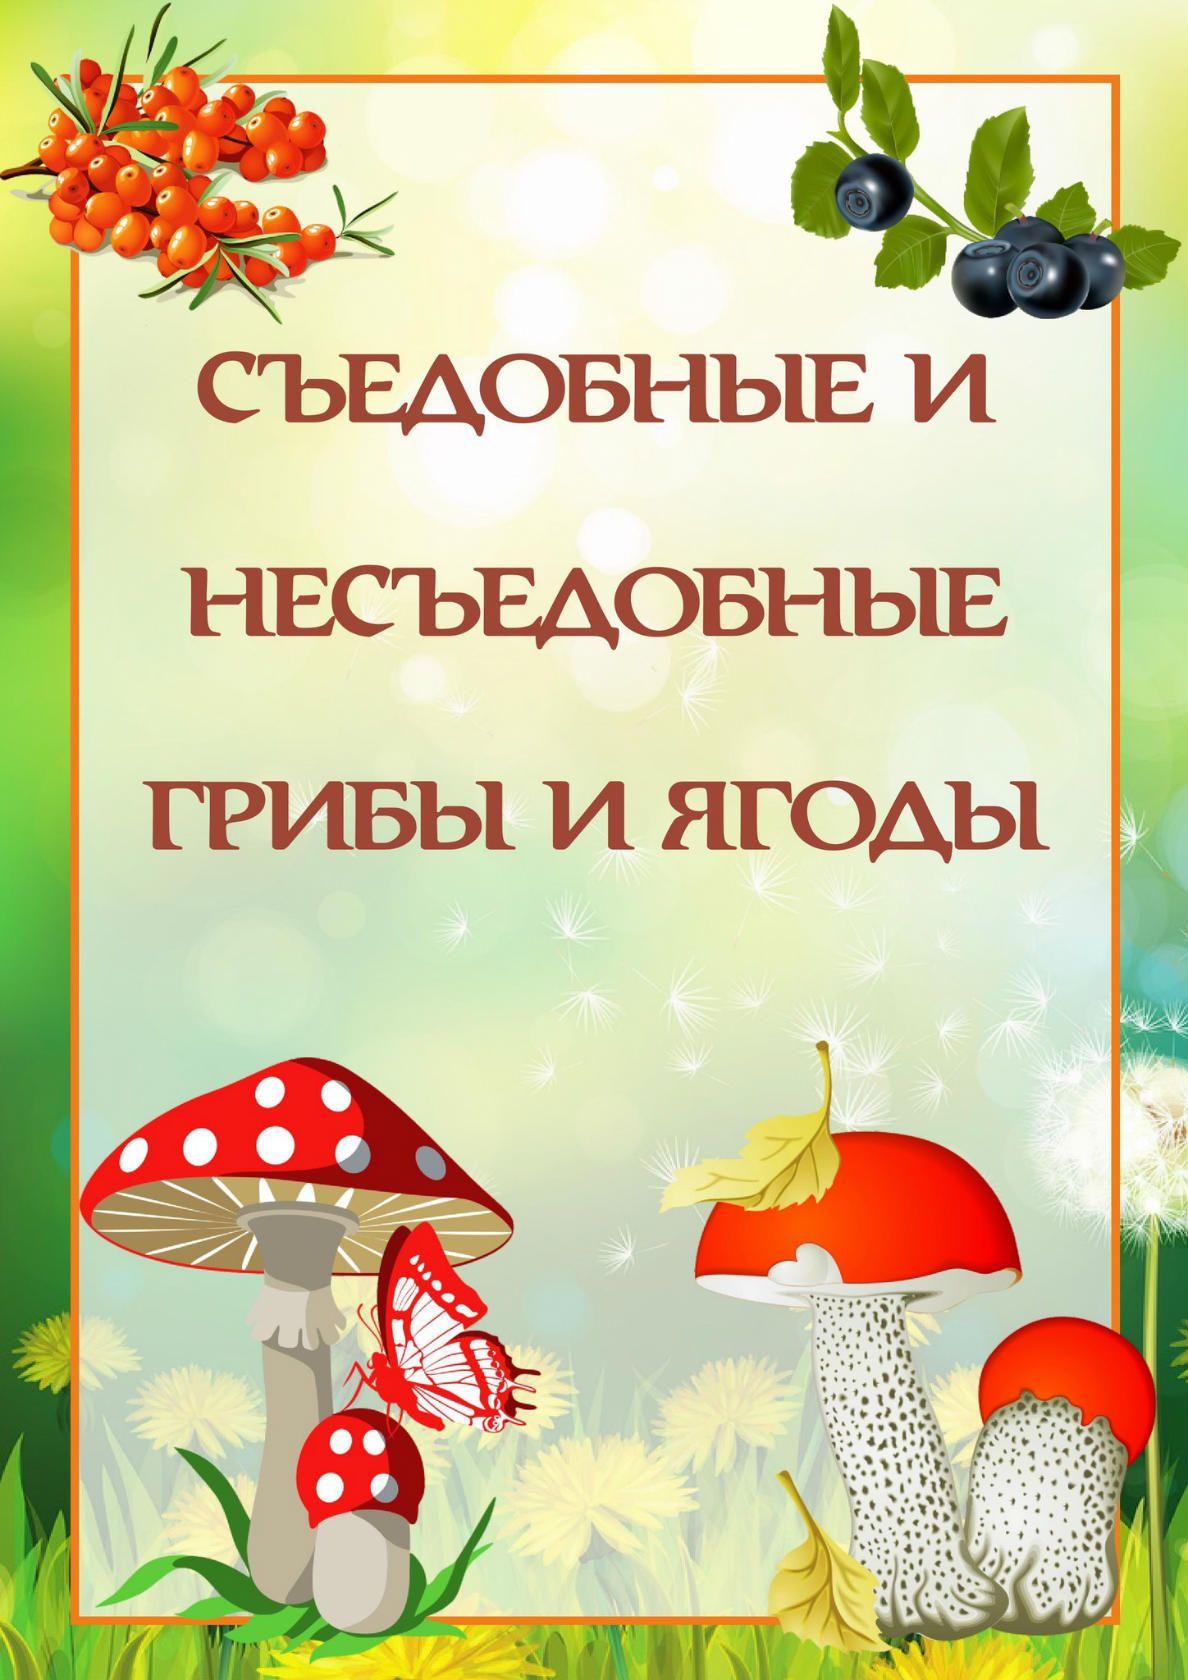 Съедобные и несъедобные грибы и ягоды | Грибы, Для детей ...